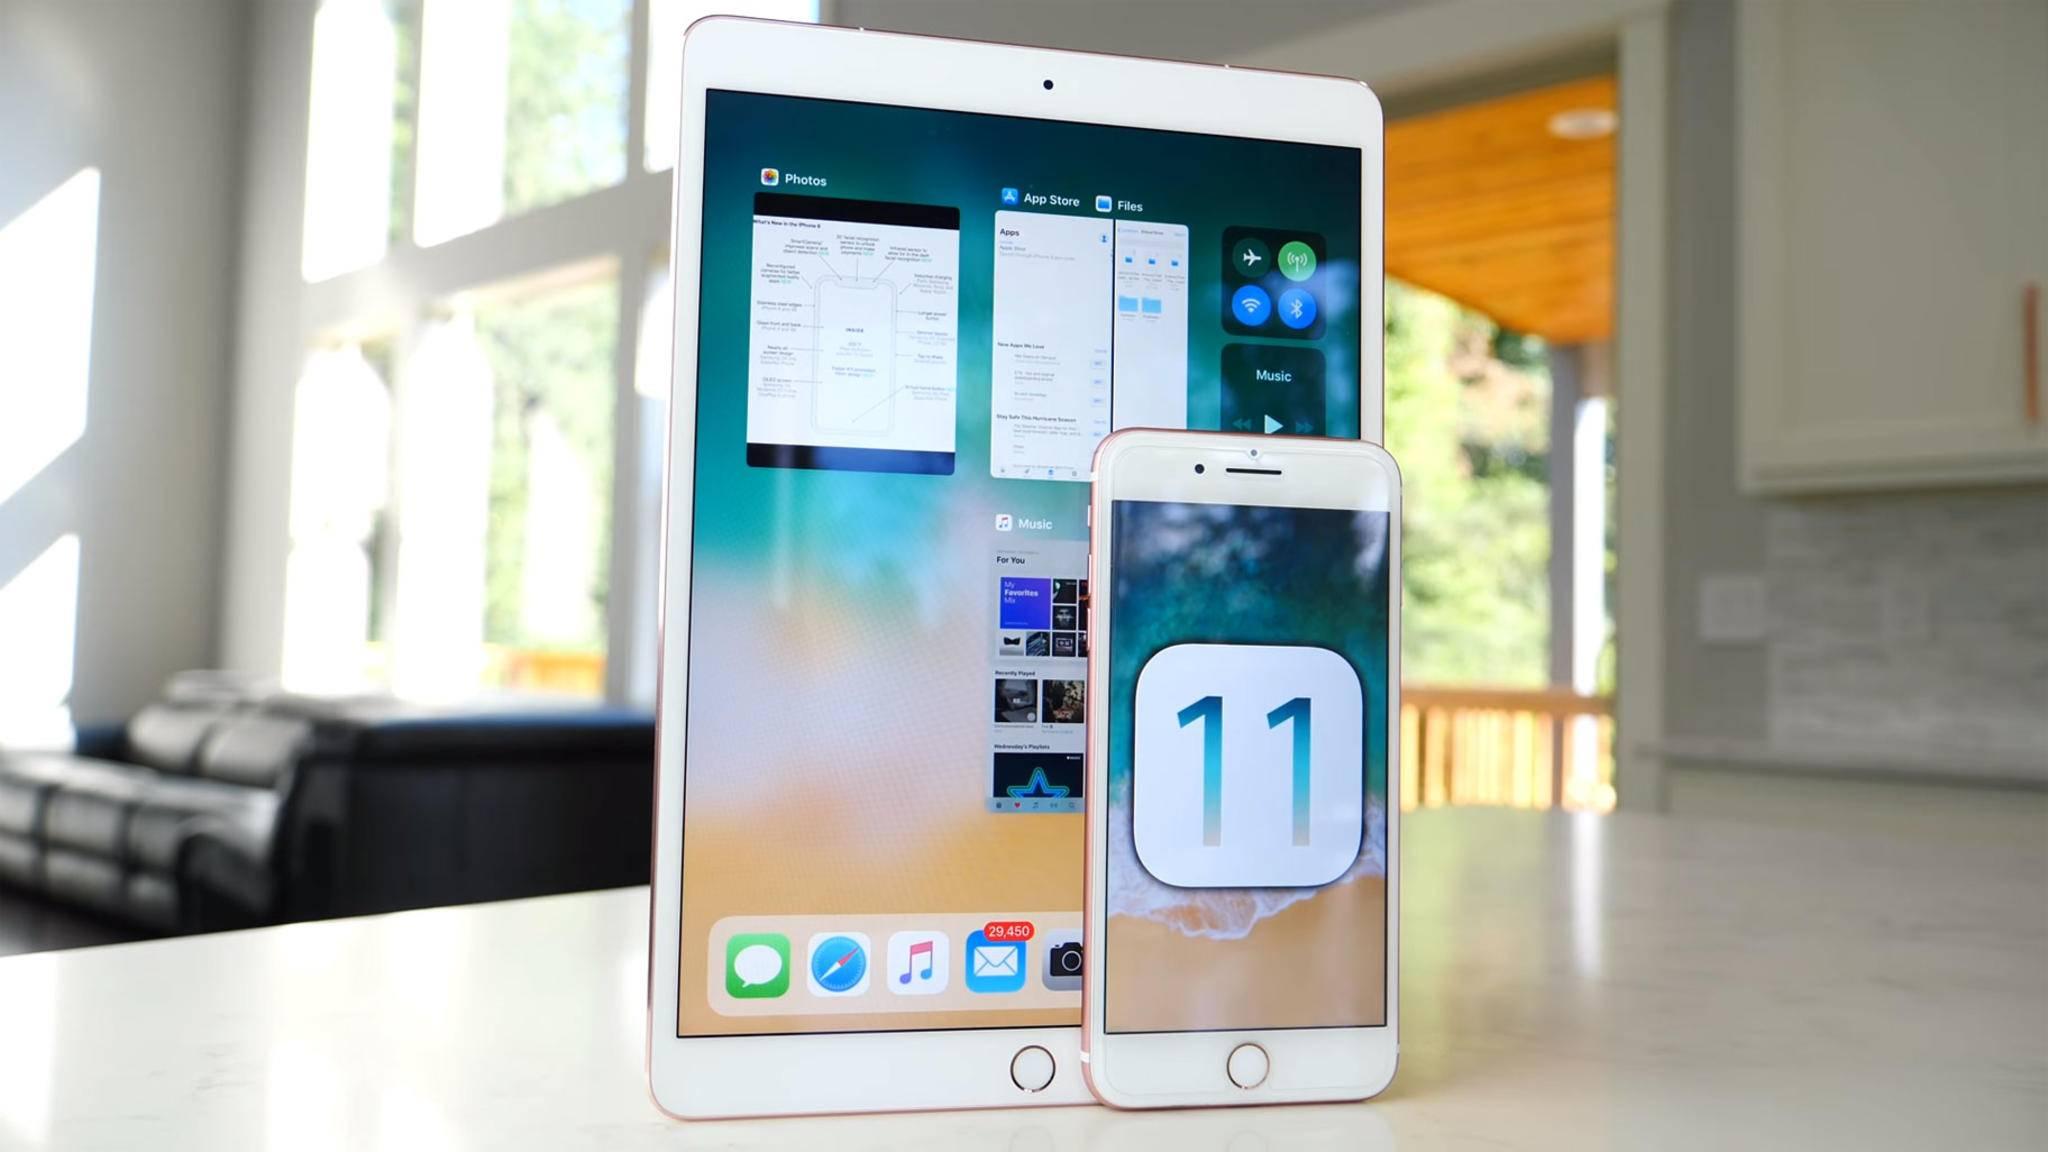 Verbreitet sich schnell, aber doch deutlich langsamer als iOS 10: das aktuelle Betriebssystem iOS 11.